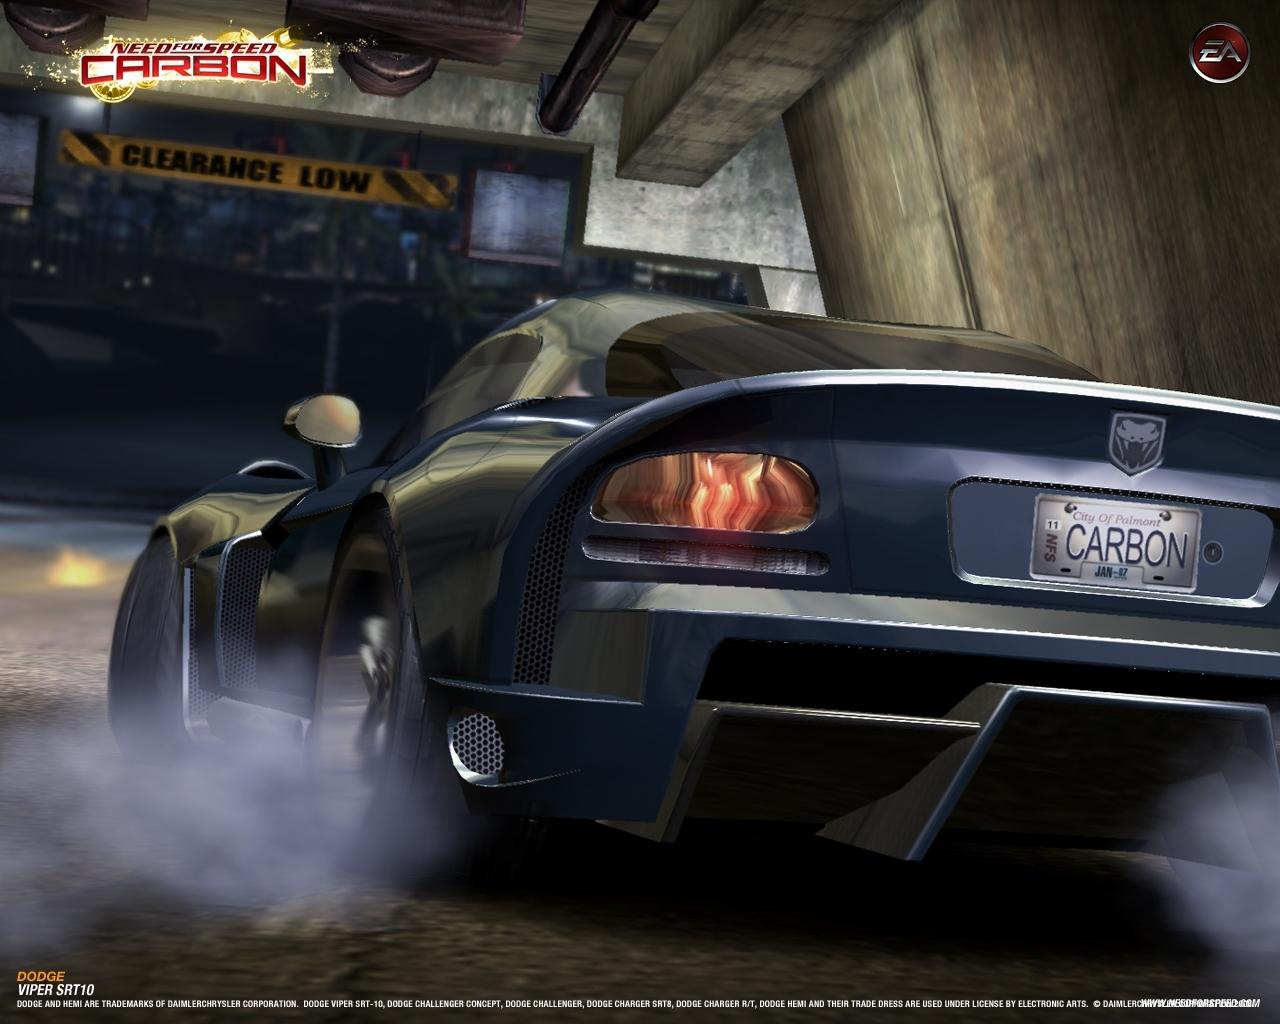 1404 скачать обои Игры, Жажда Скорости (Need For Speed), Карбон (Carbon) - заставки и картинки бесплатно